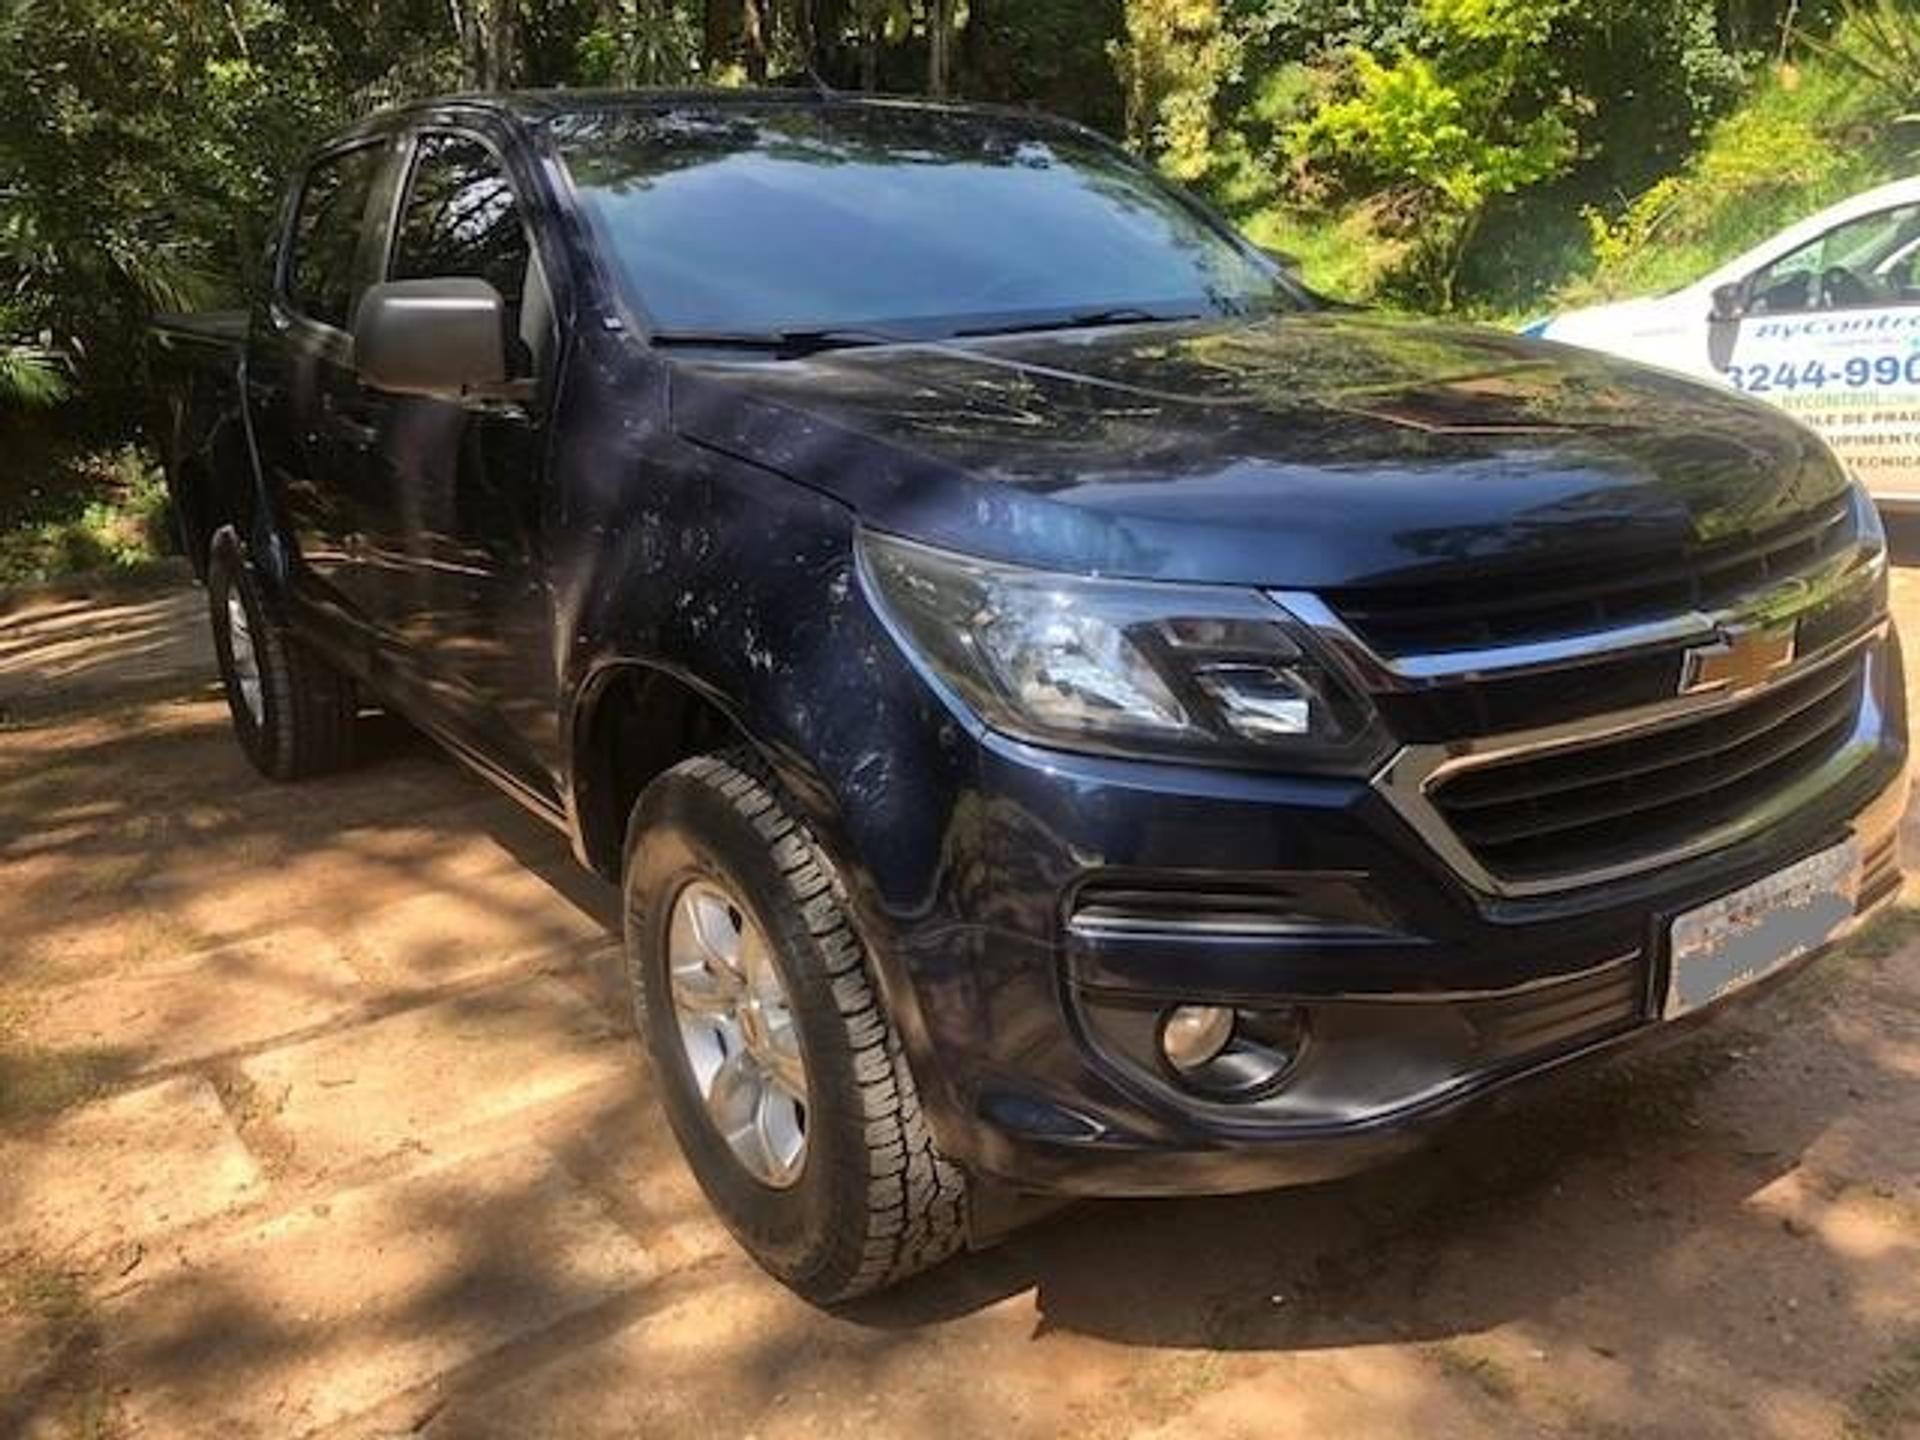 Chevrolet S10 2.5 Advantage 4x2 Cd 16v Flex 4p Manual Wmimagem17593126795